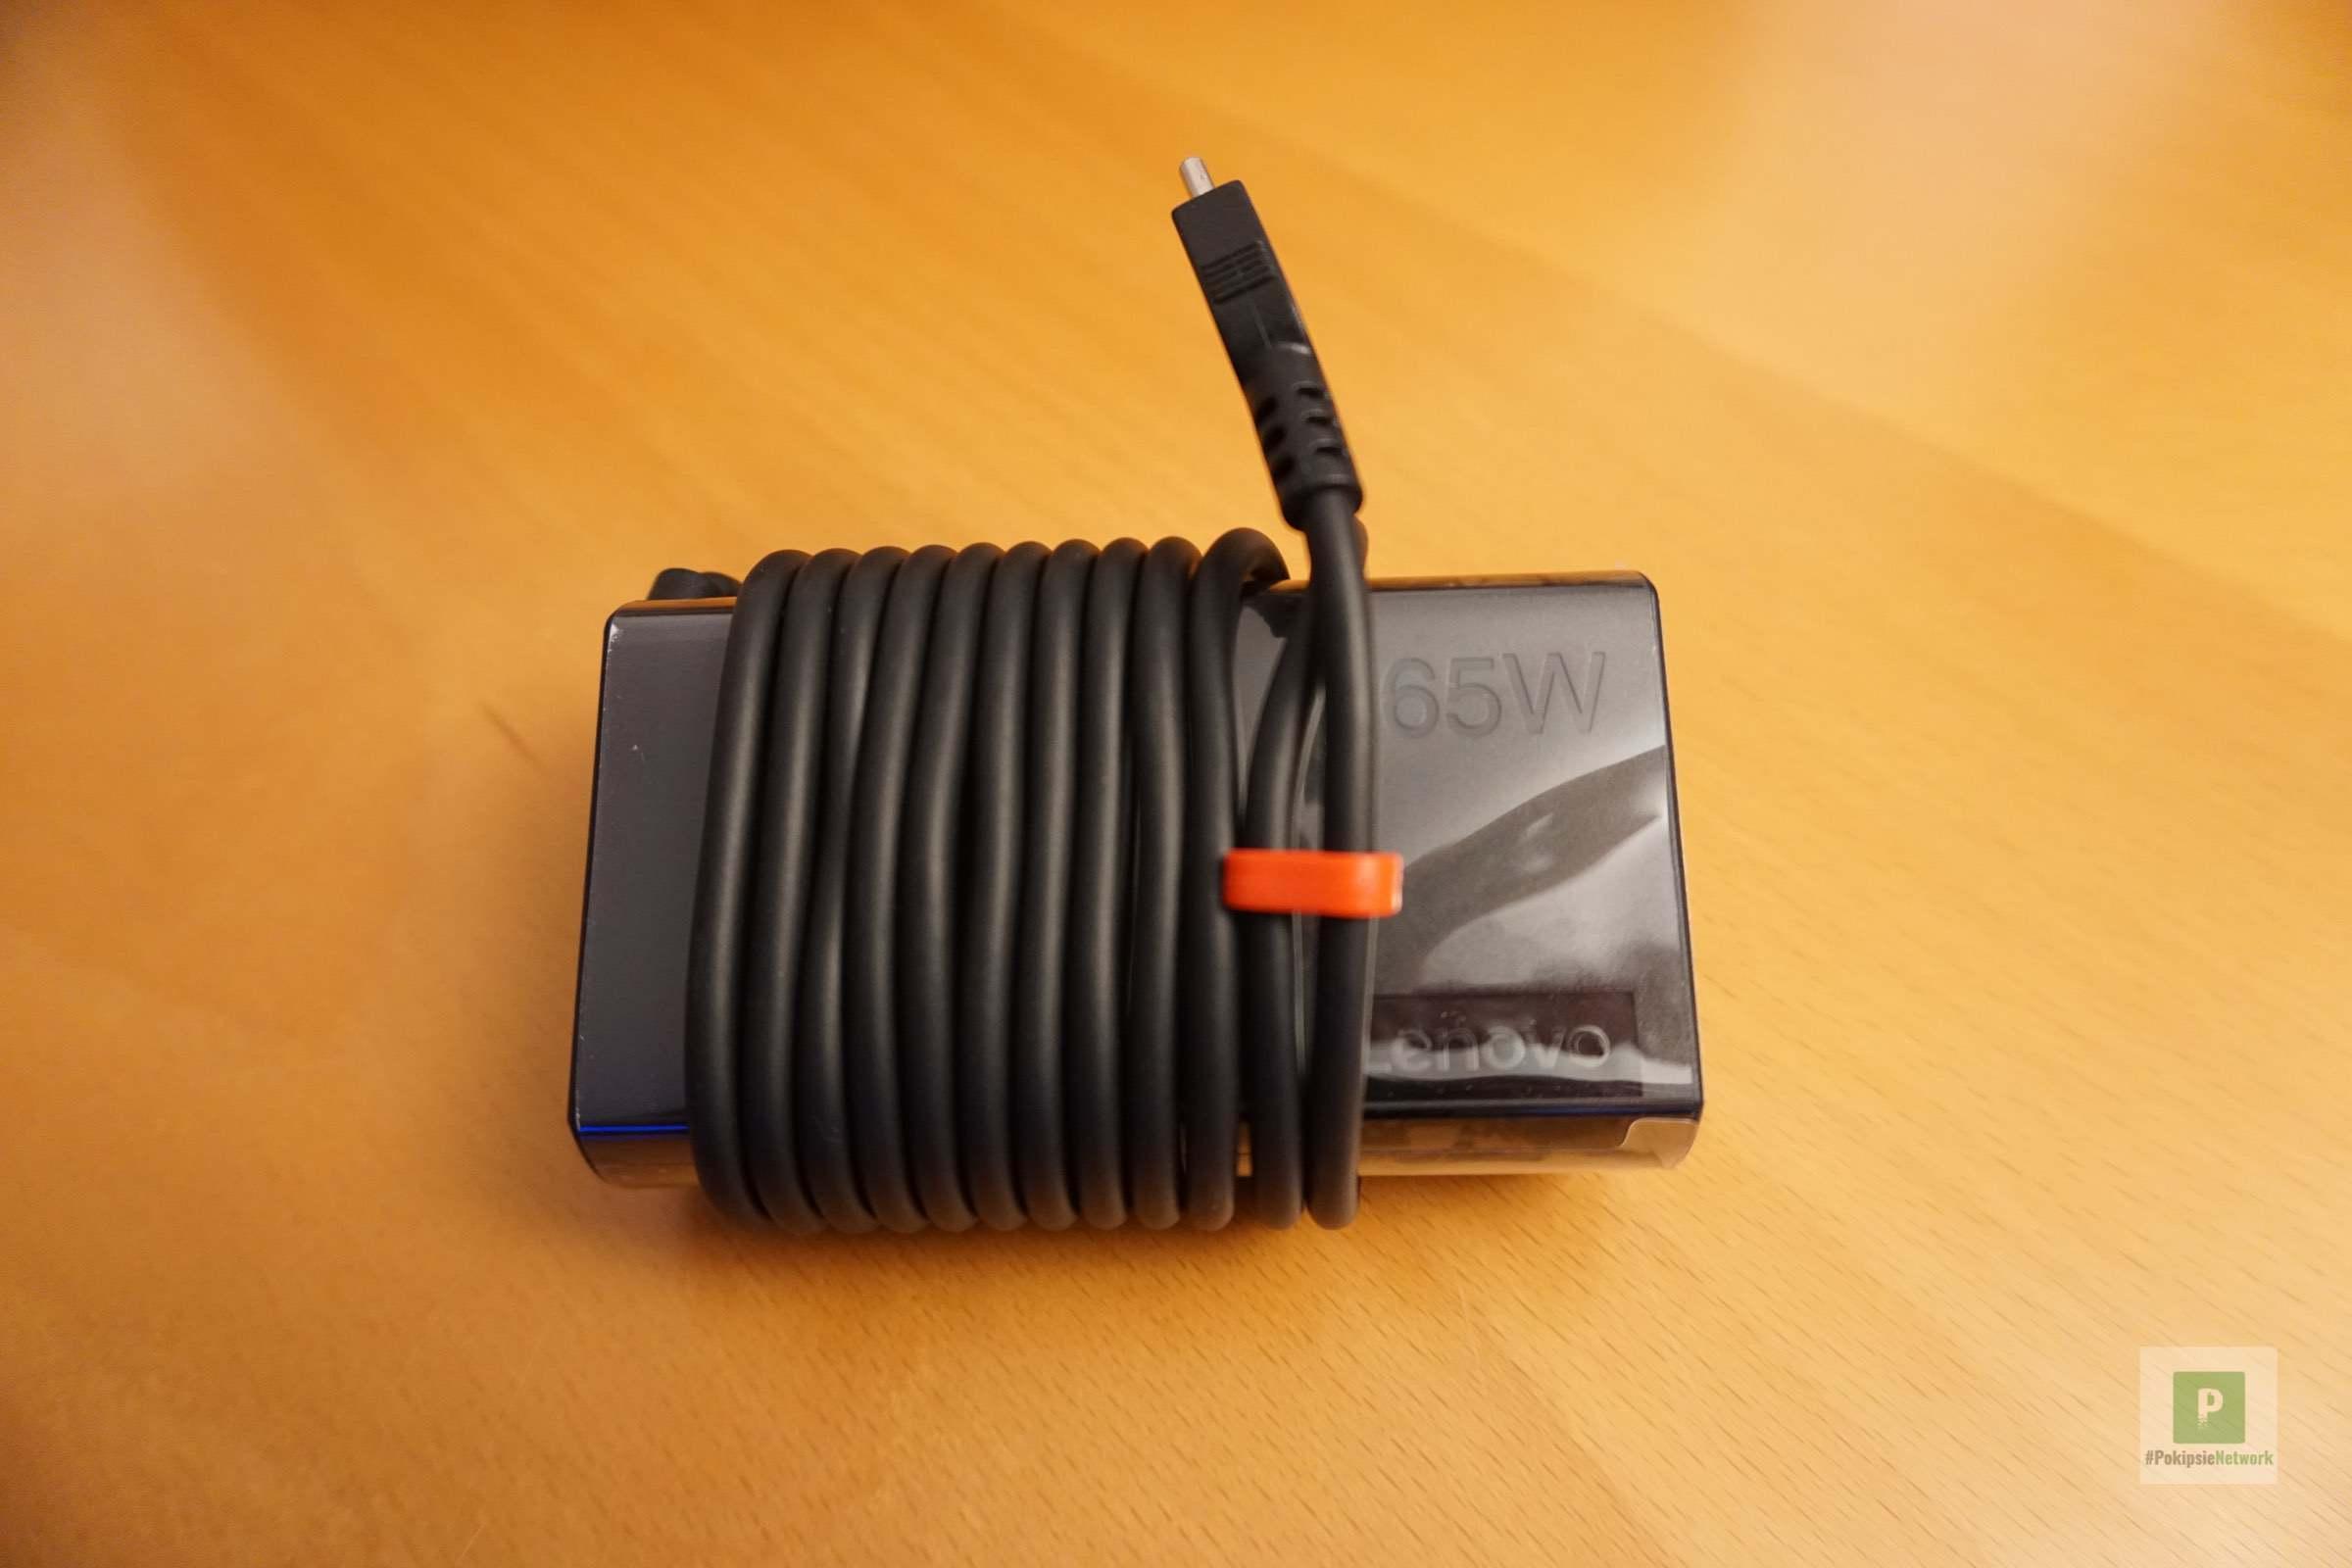 Das praktische 65 Watt Netzteil